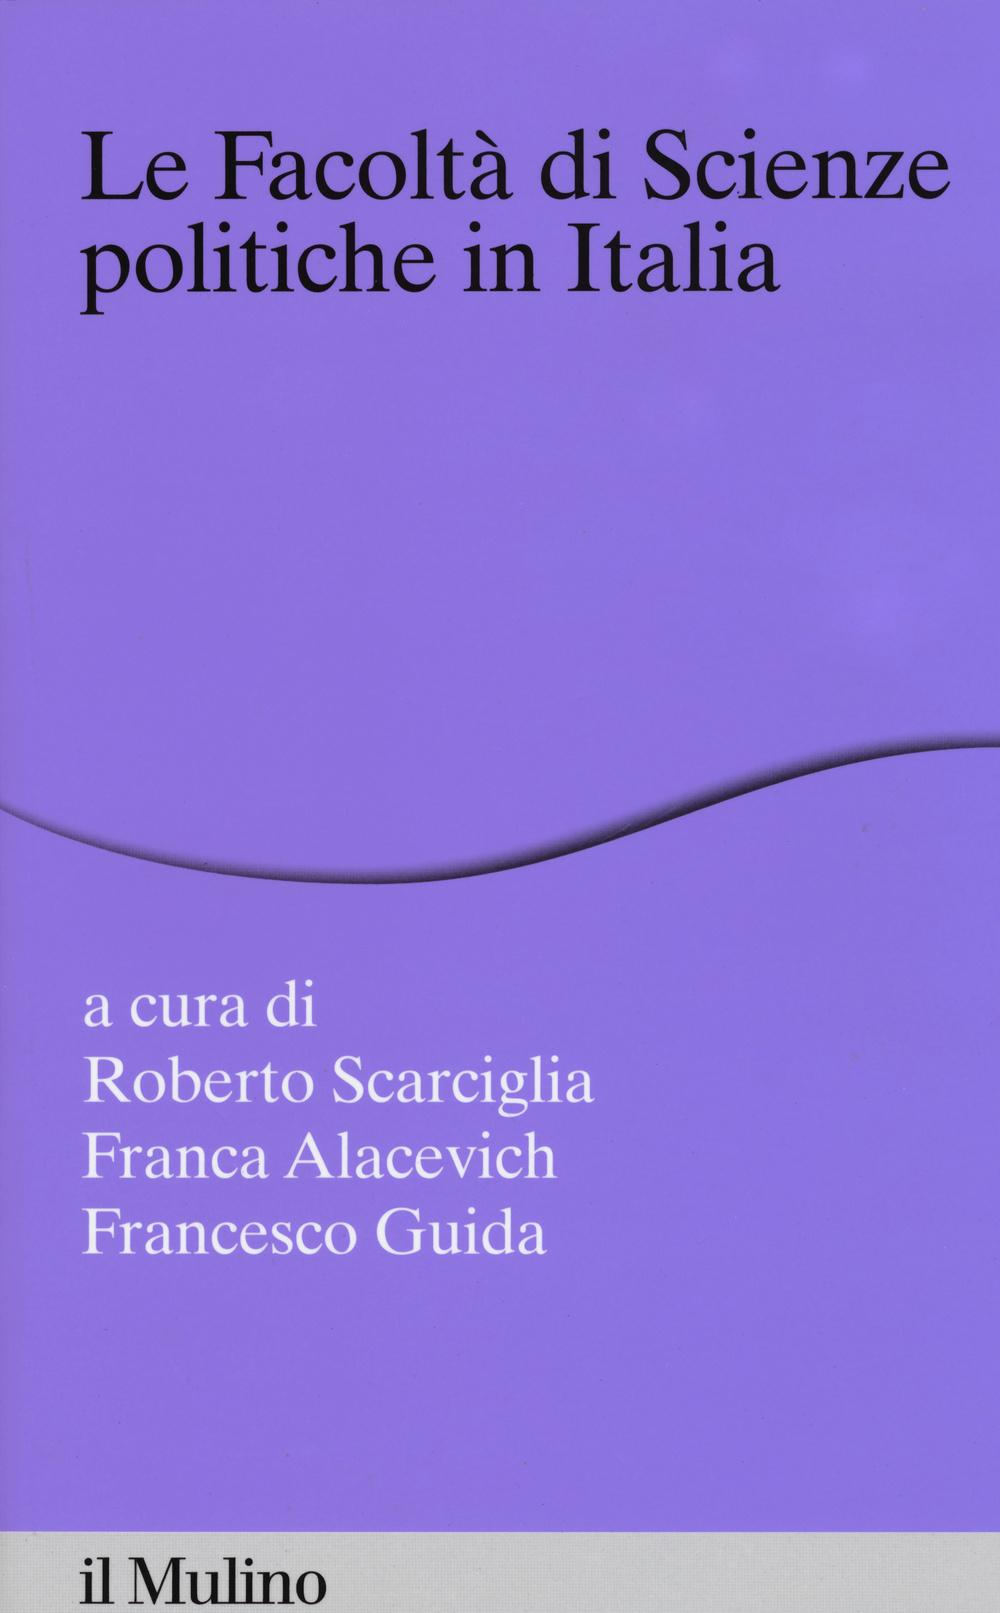 FACOLTÀ DI SCIENZE POLITICHE IN ITALIA (LE)